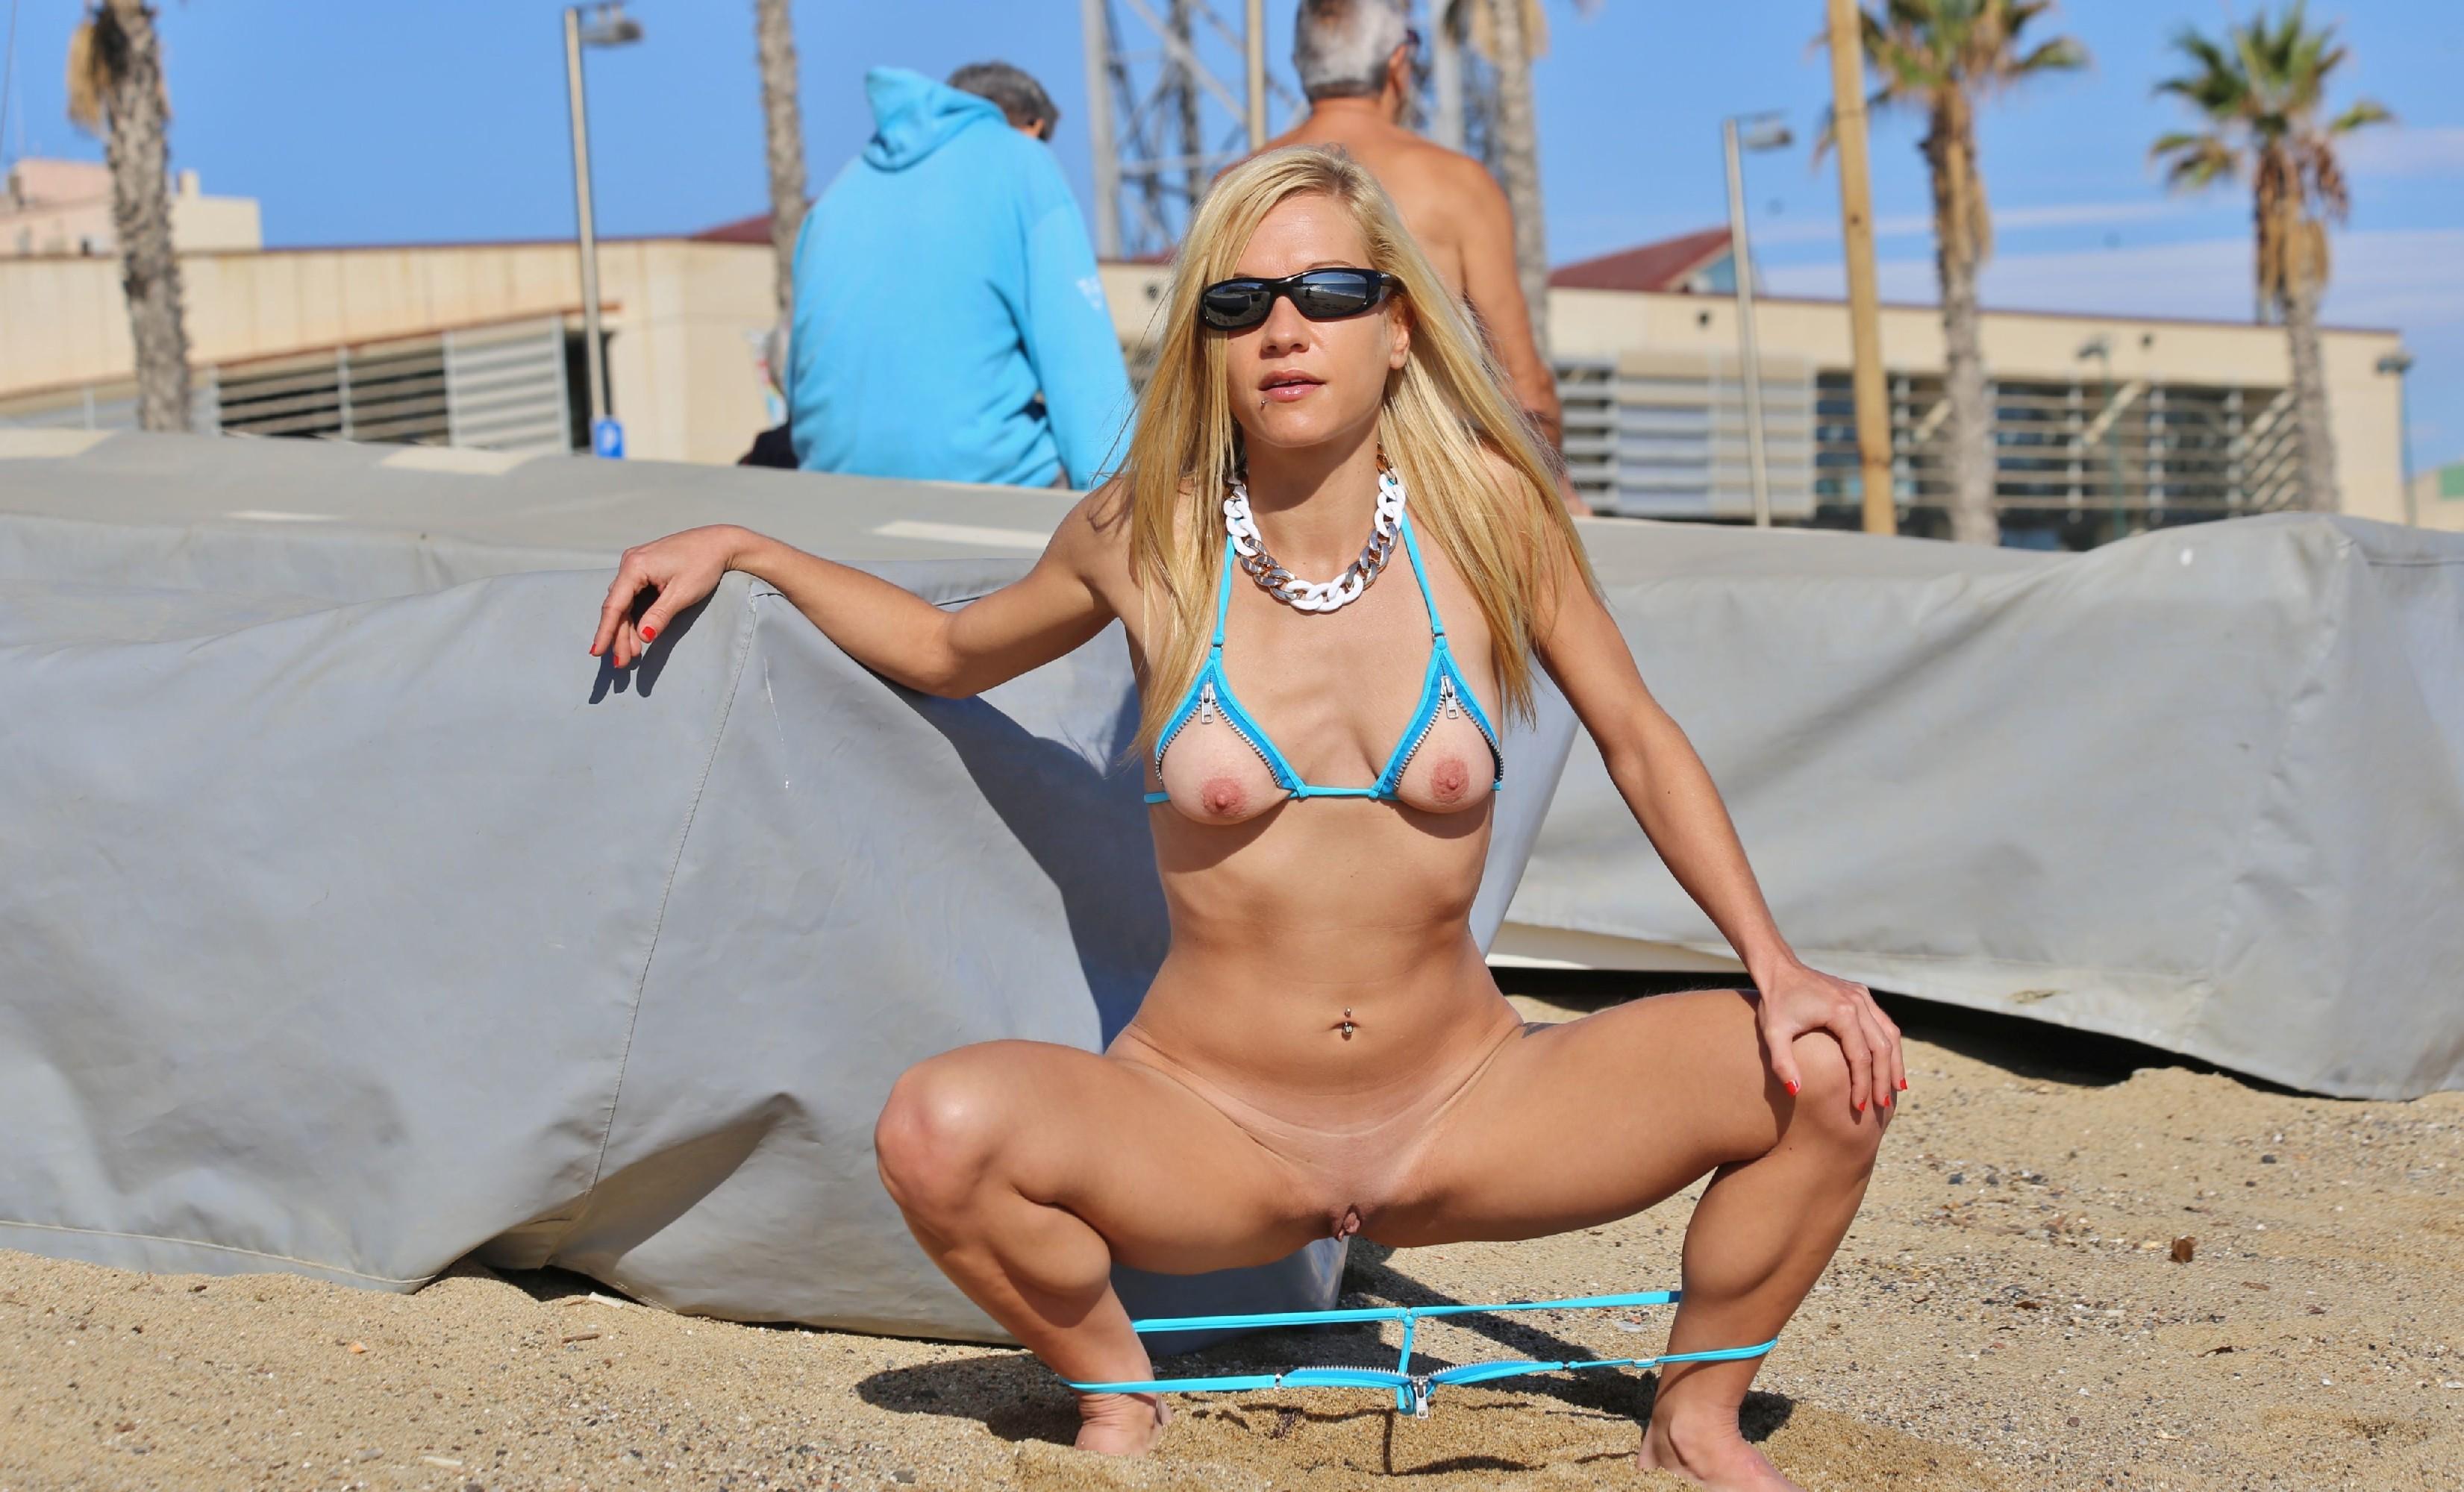 Деваха в купальнике с вырезами в самых интимных местах показывает киску